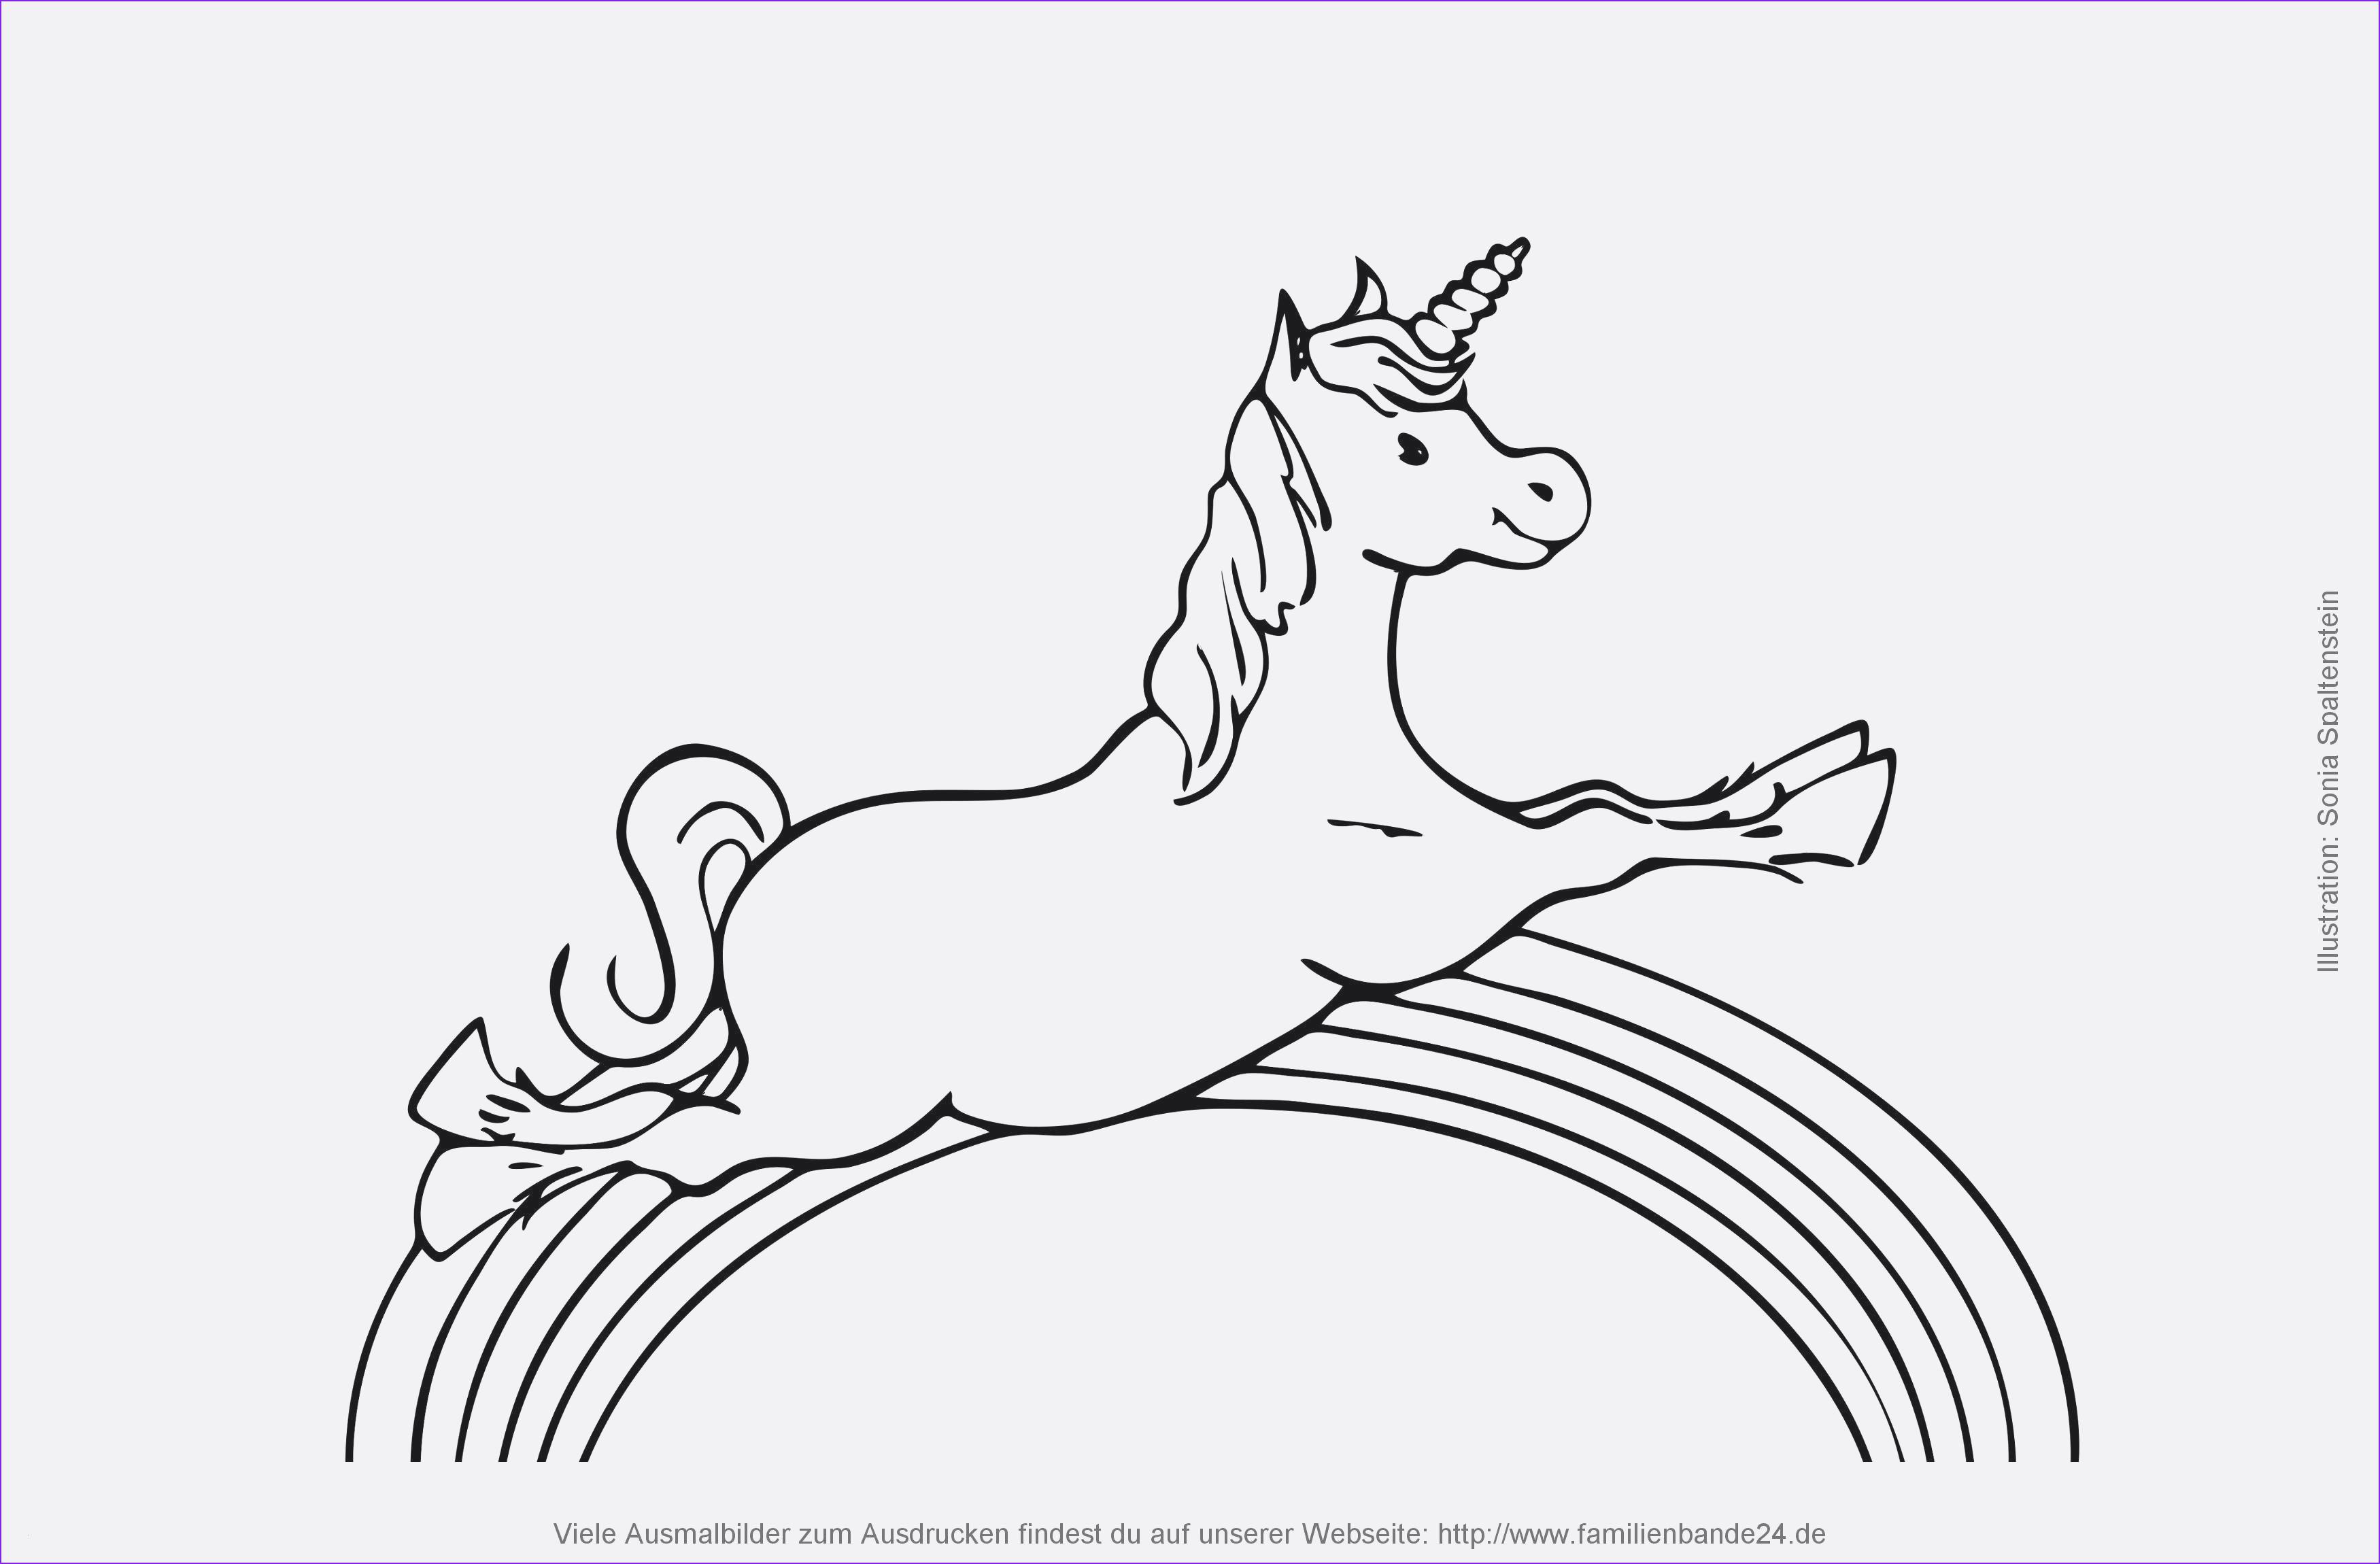 Ausmalbilder Zum Ausdrucken Einhorn Frisch Ausmalbilder Einhorn Erwachsene Malvorlagen Pegasus Colorbook Stock